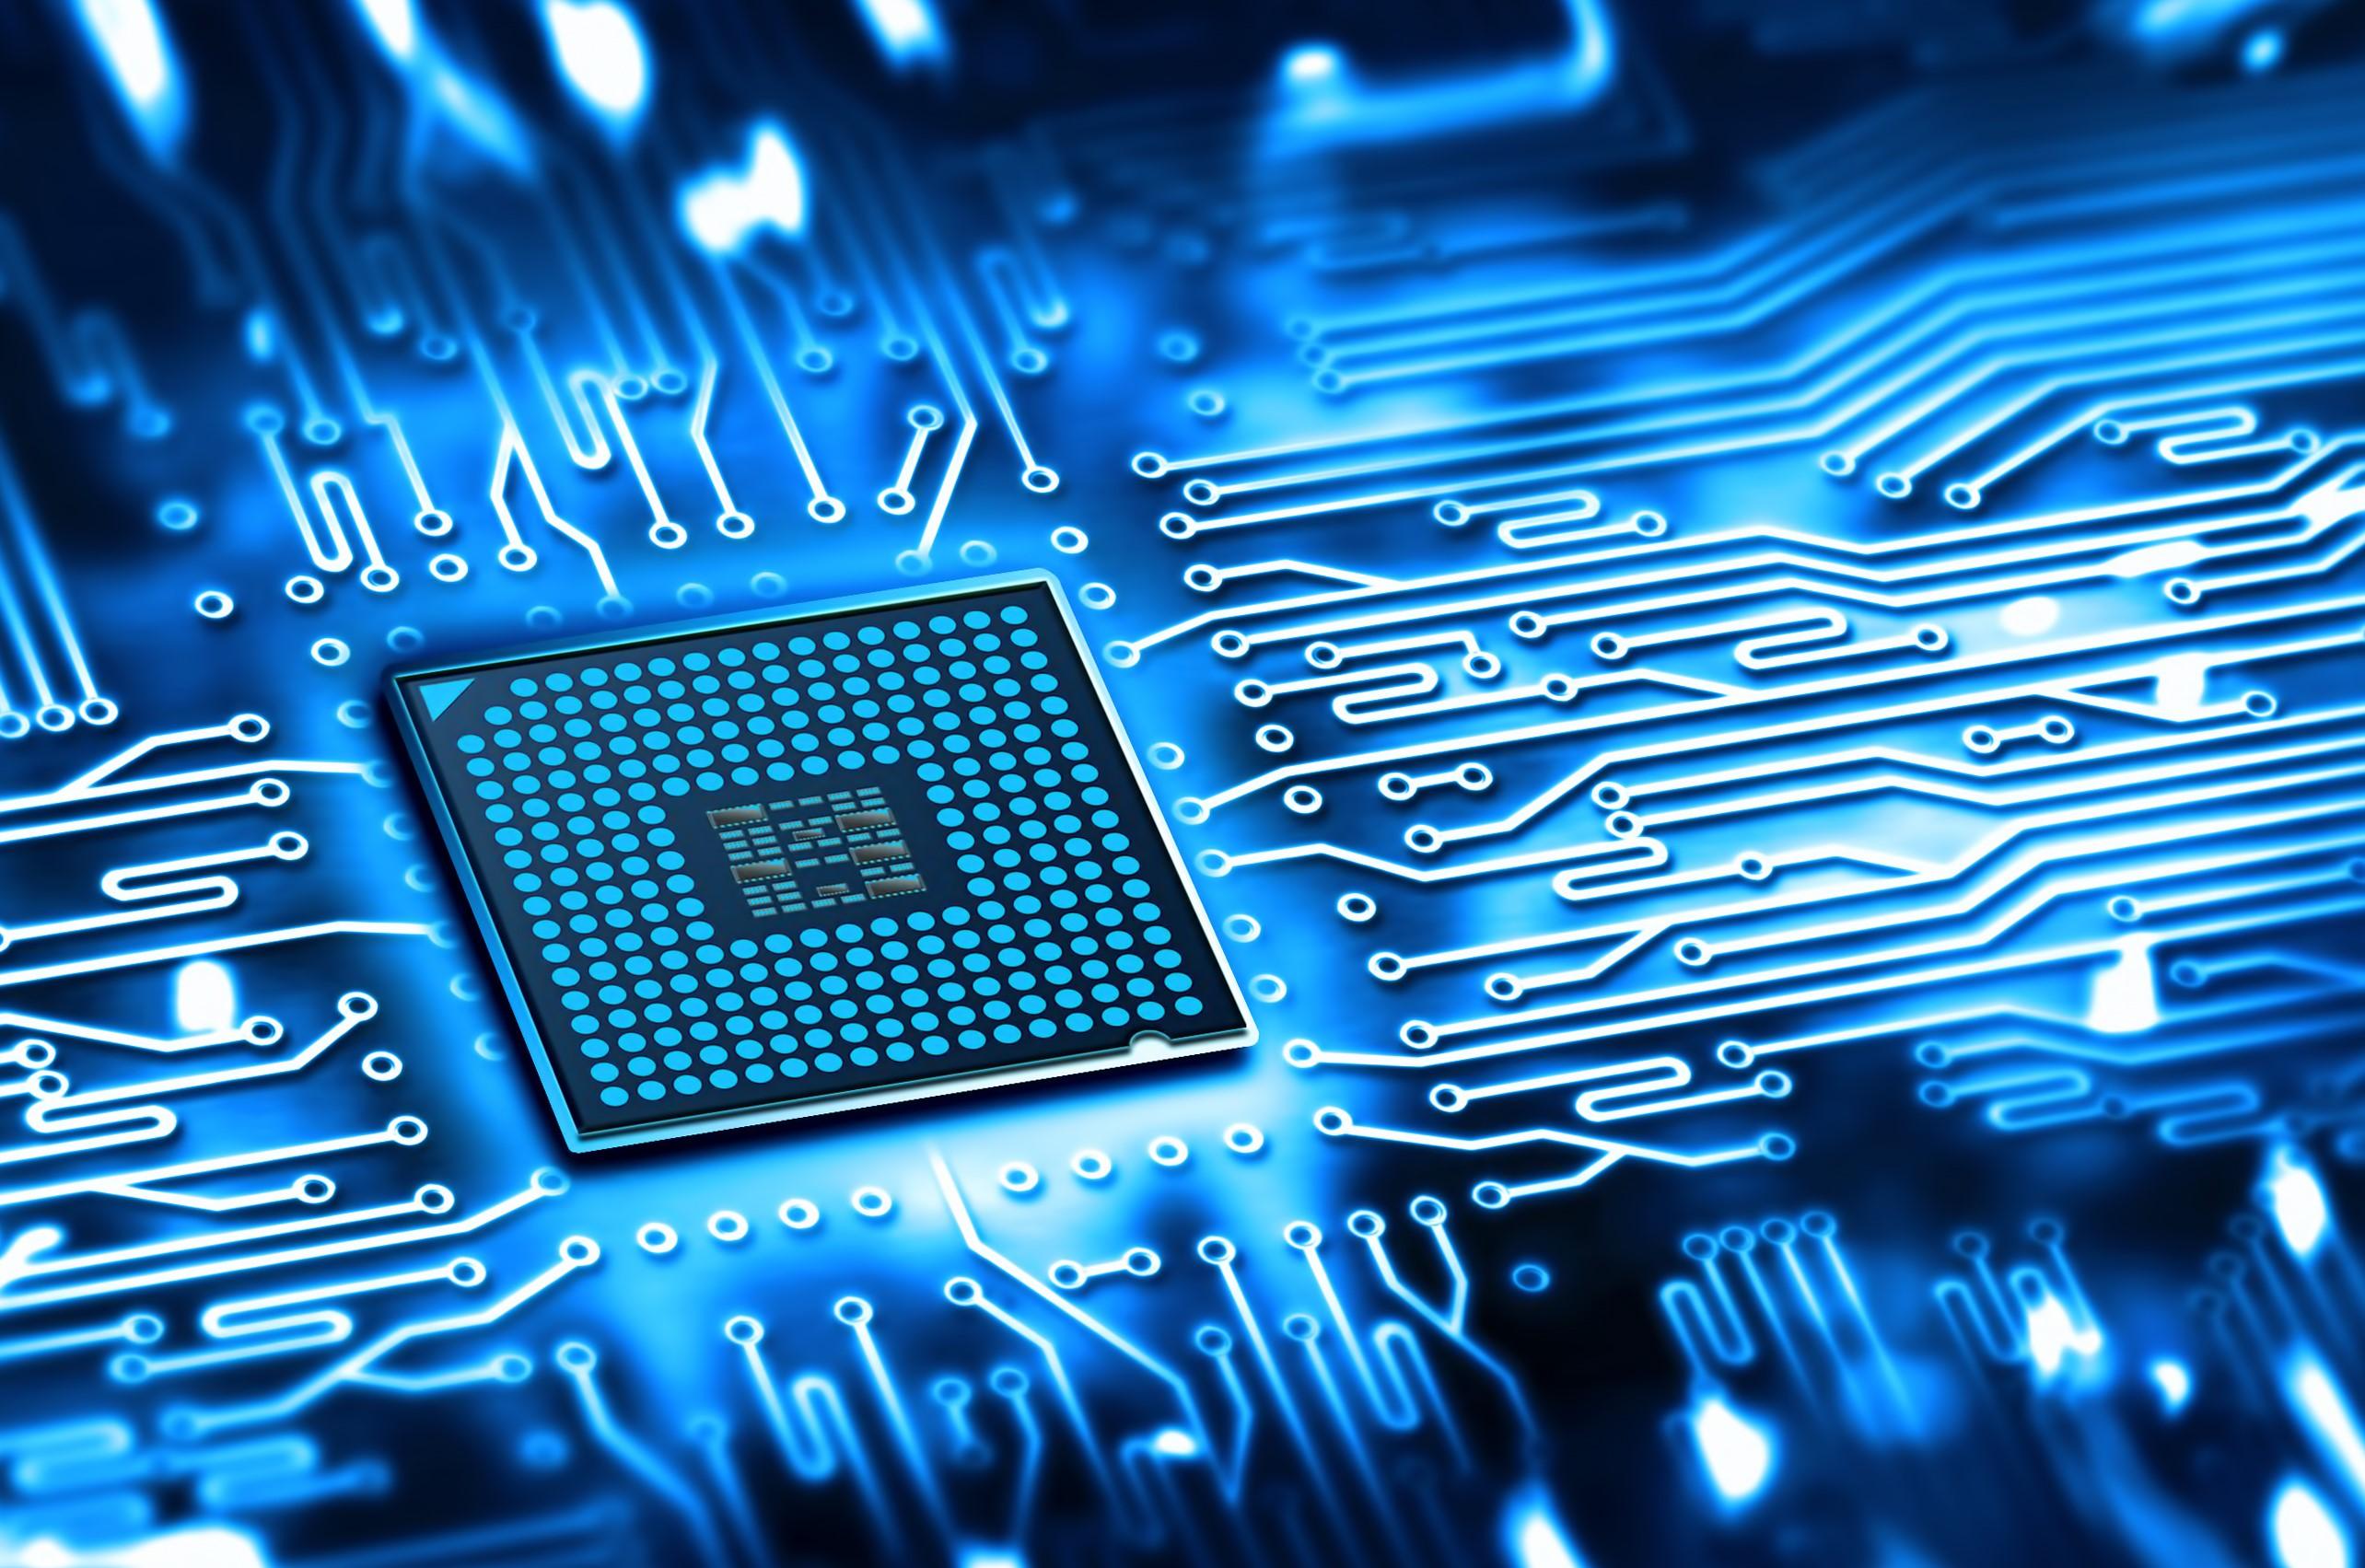 Com a Cross-Domain Computing Solutions, a Bosch oferecerá aos seus consumidores de sistemas eletrônicos e software automotivos soluções a partir de uma única fonte.